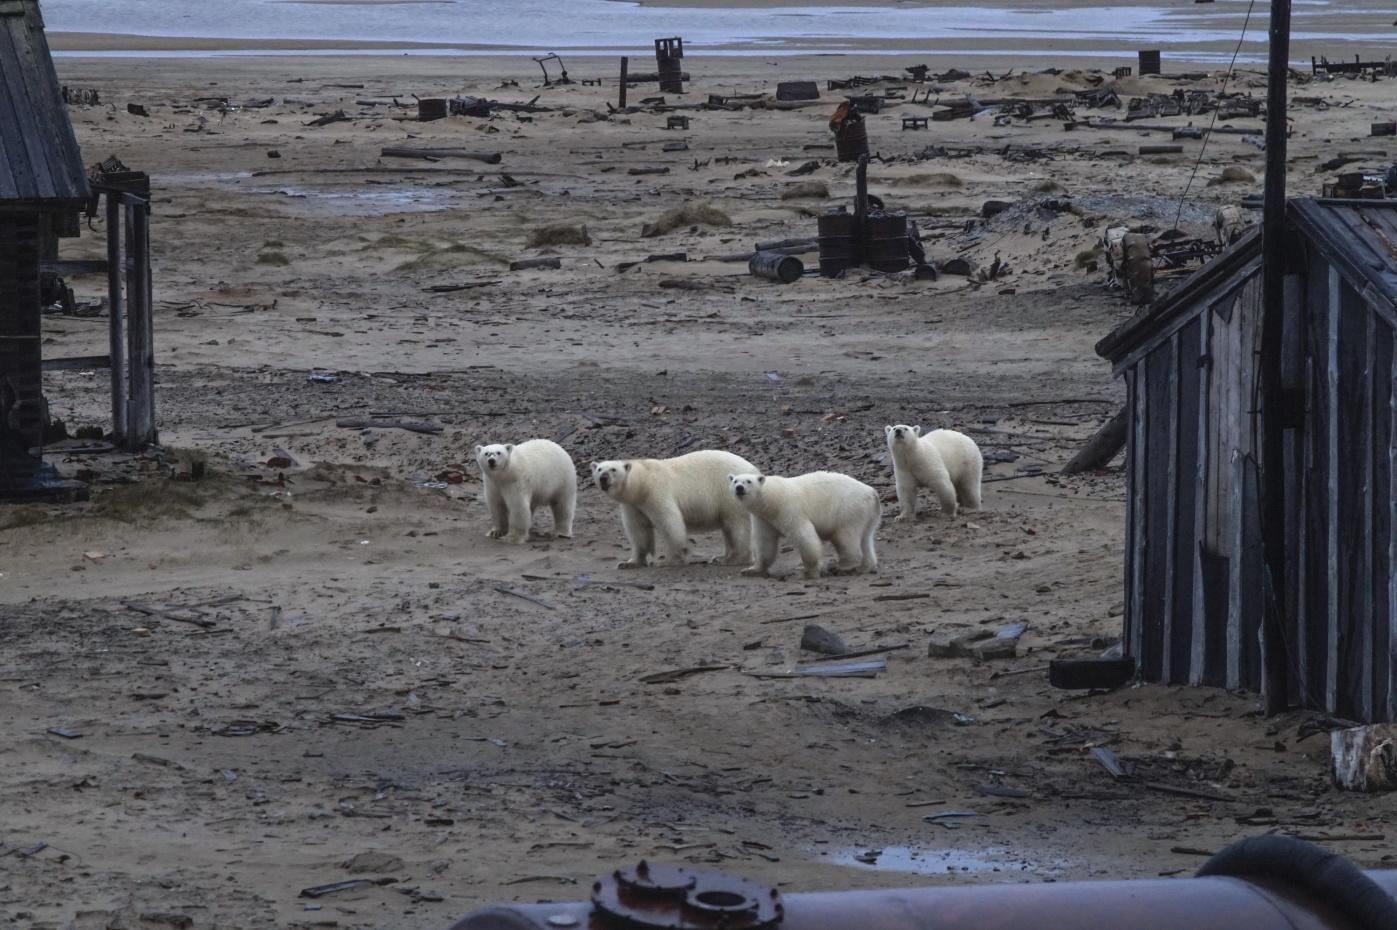 Наострове Вилькицкого к лагерю волонтёров регулярно приходило целое семейство медведей